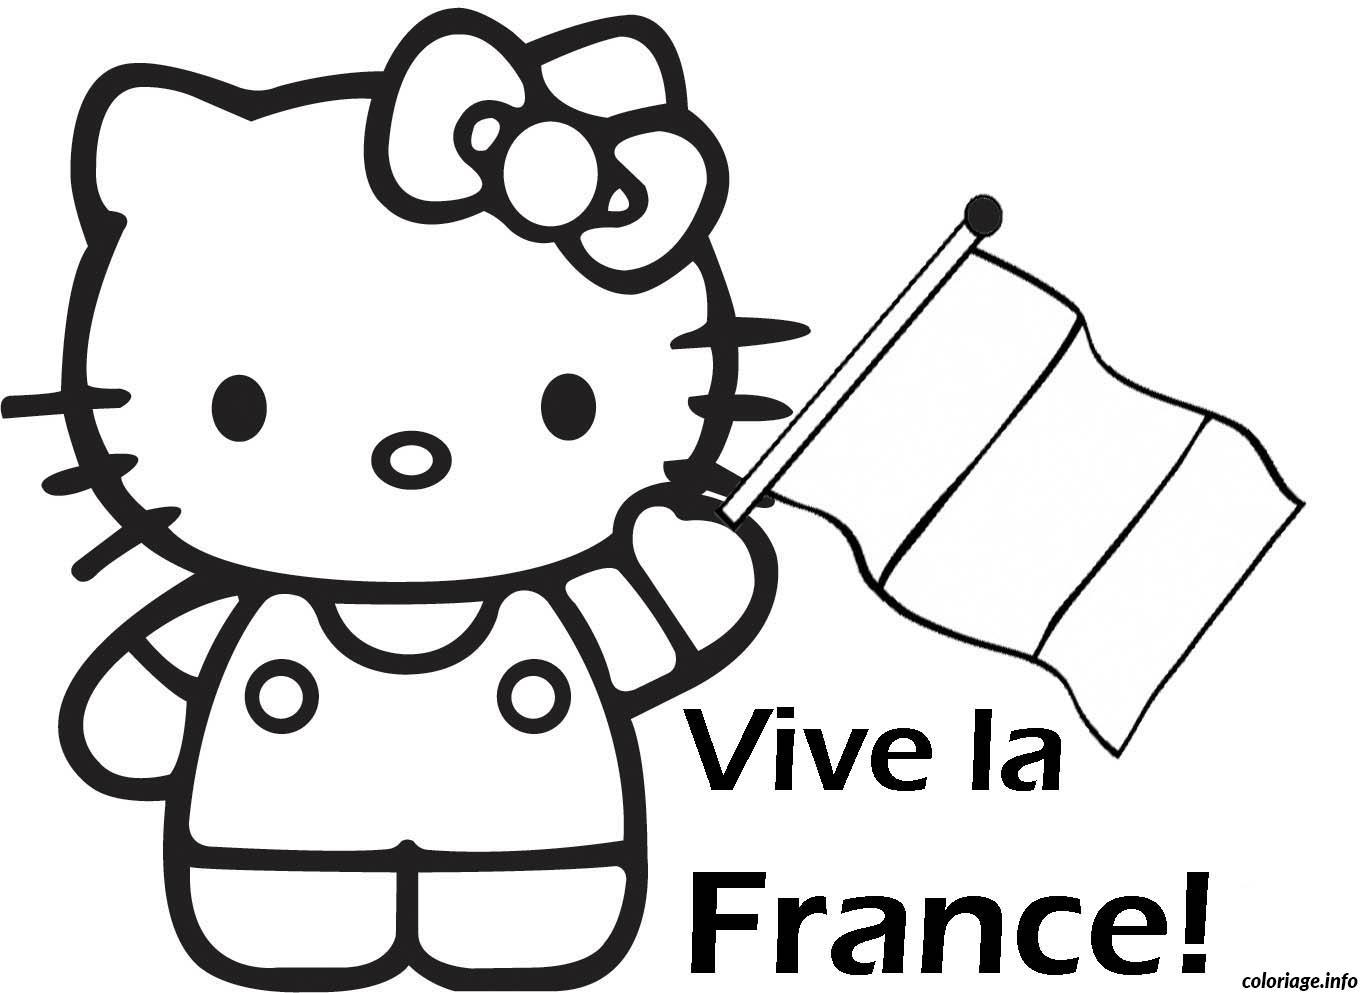 Dessin dessin hello kitty 140 Coloriage Gratuit à Imprimer